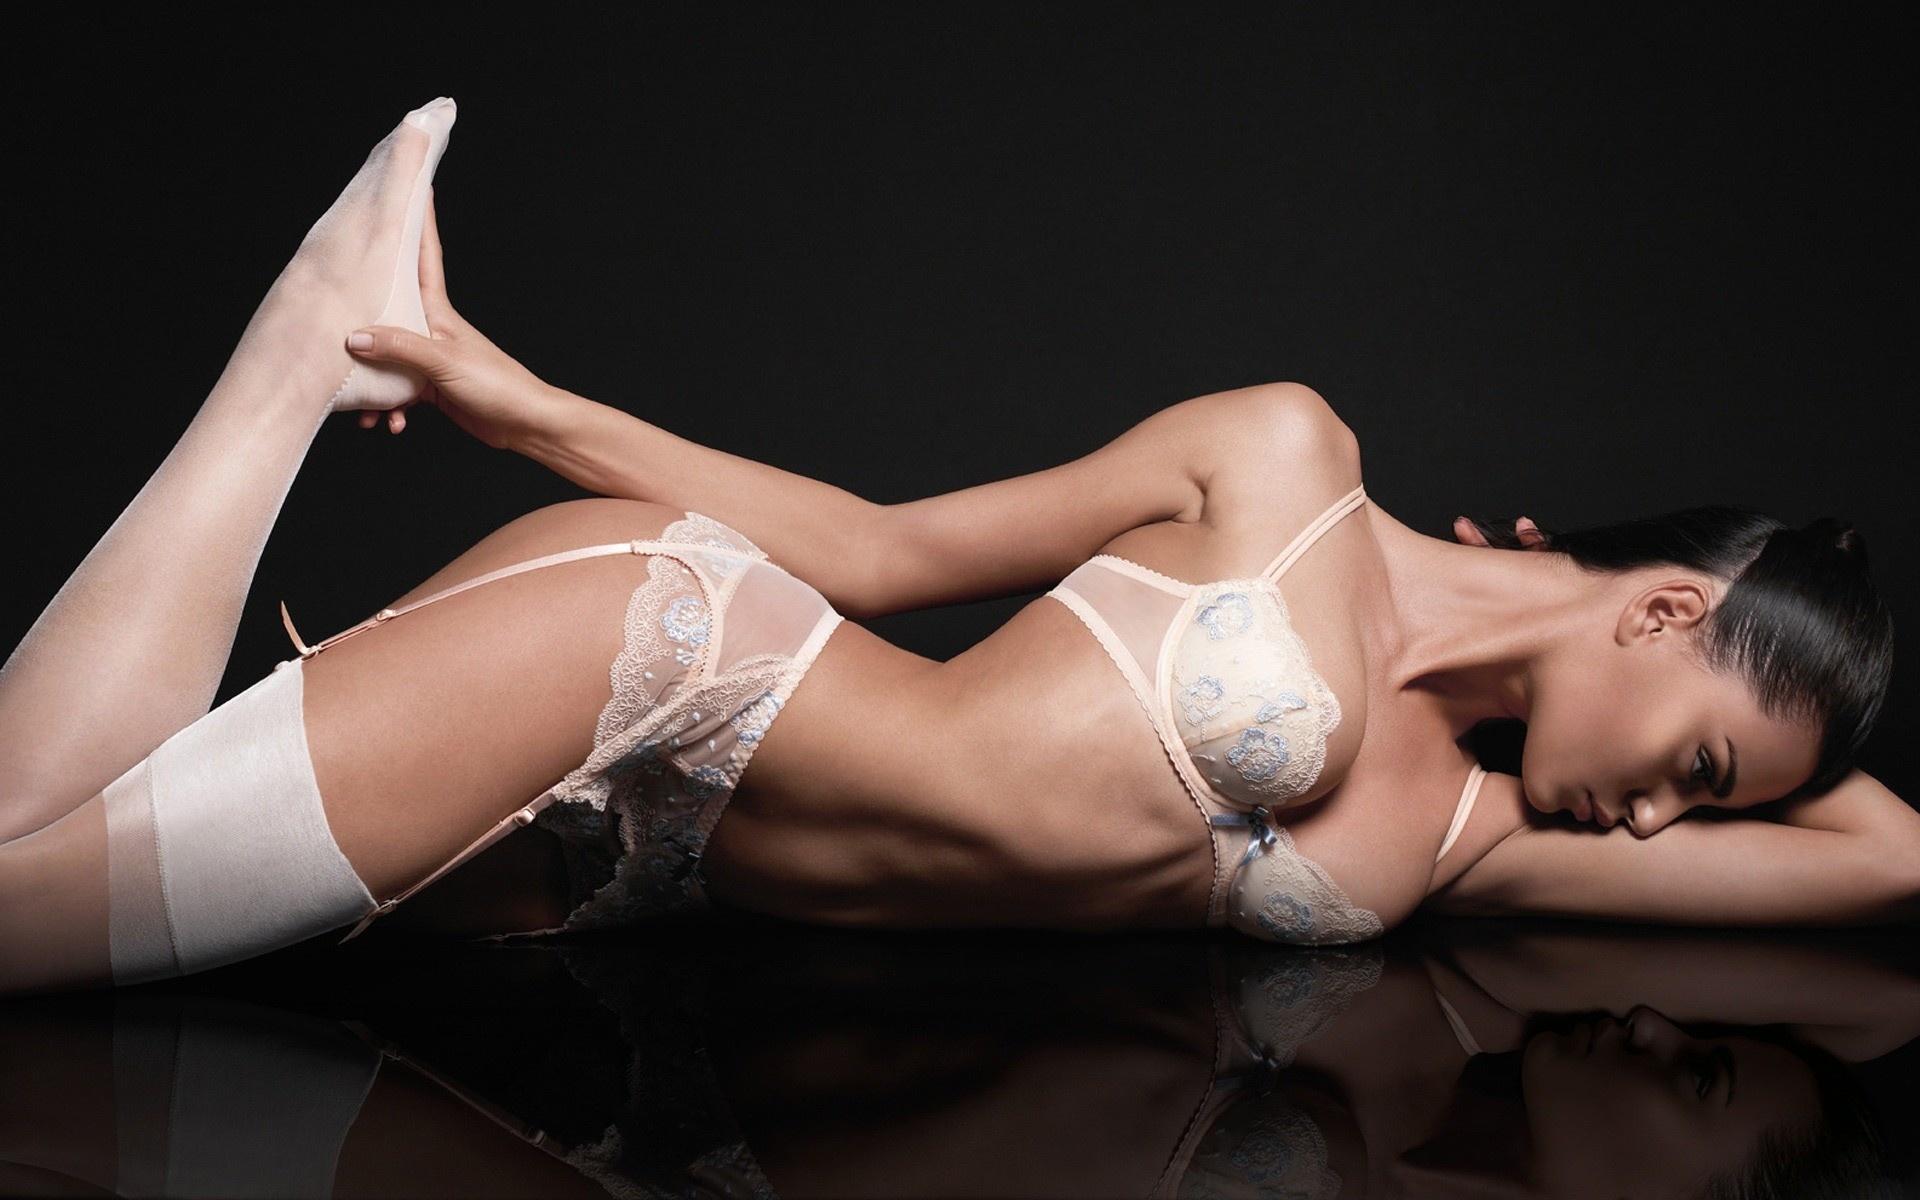 Самые эротичные фотографии в мире викторовна